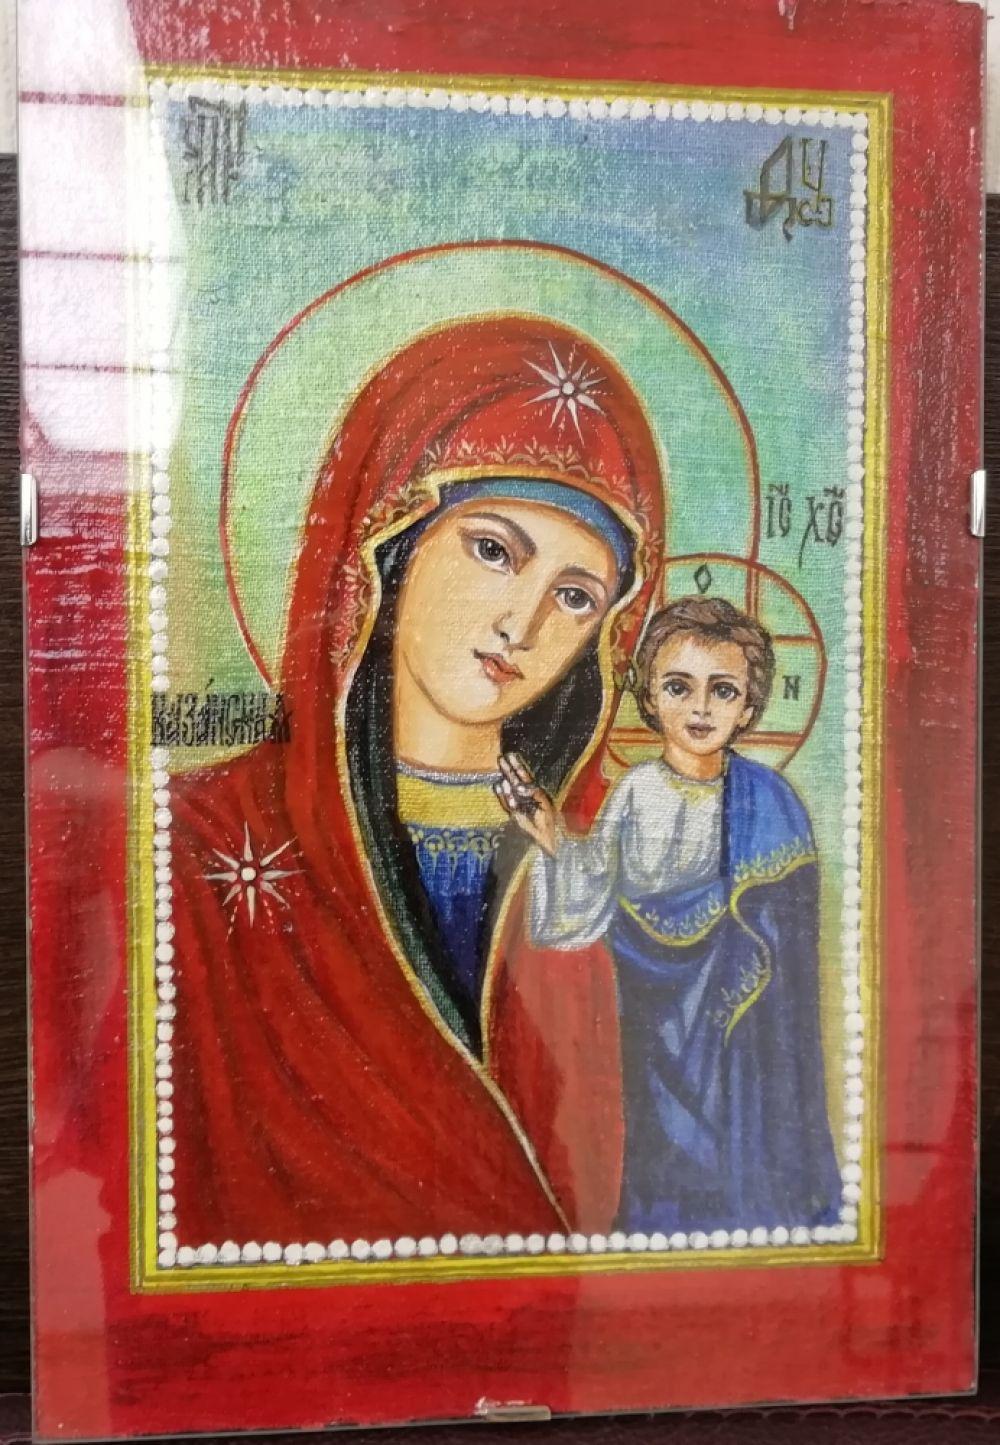 Образ Казанской иконы Божией Матери написан красками на холсте.